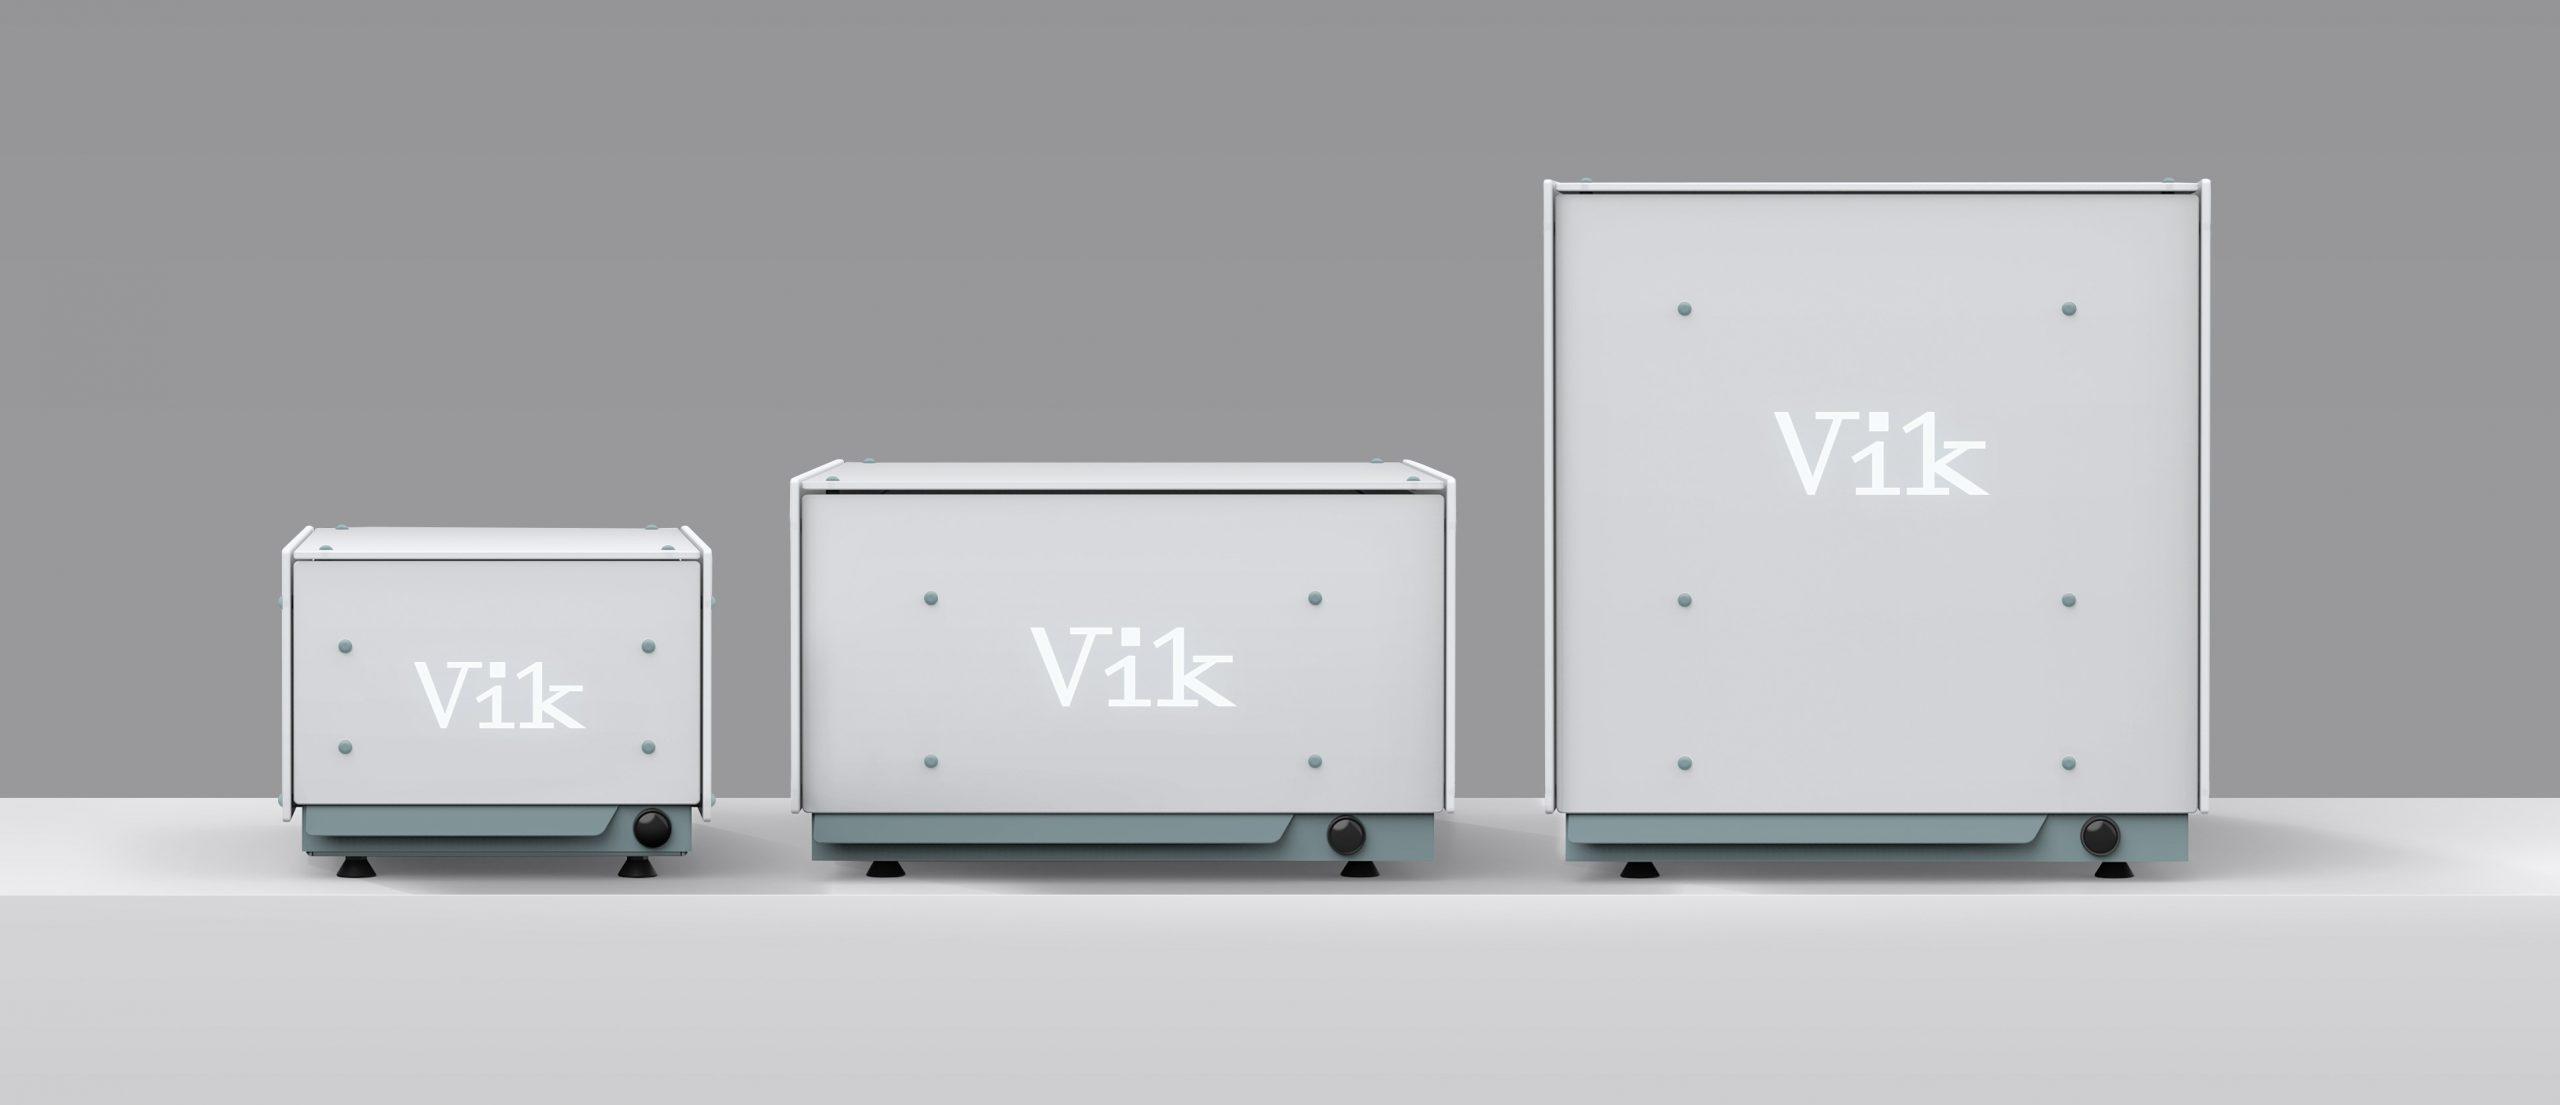 Vik Modellen V i k uv-c desinfectiekast - Ervaar de kracht van uv-c desinfectie met Vik